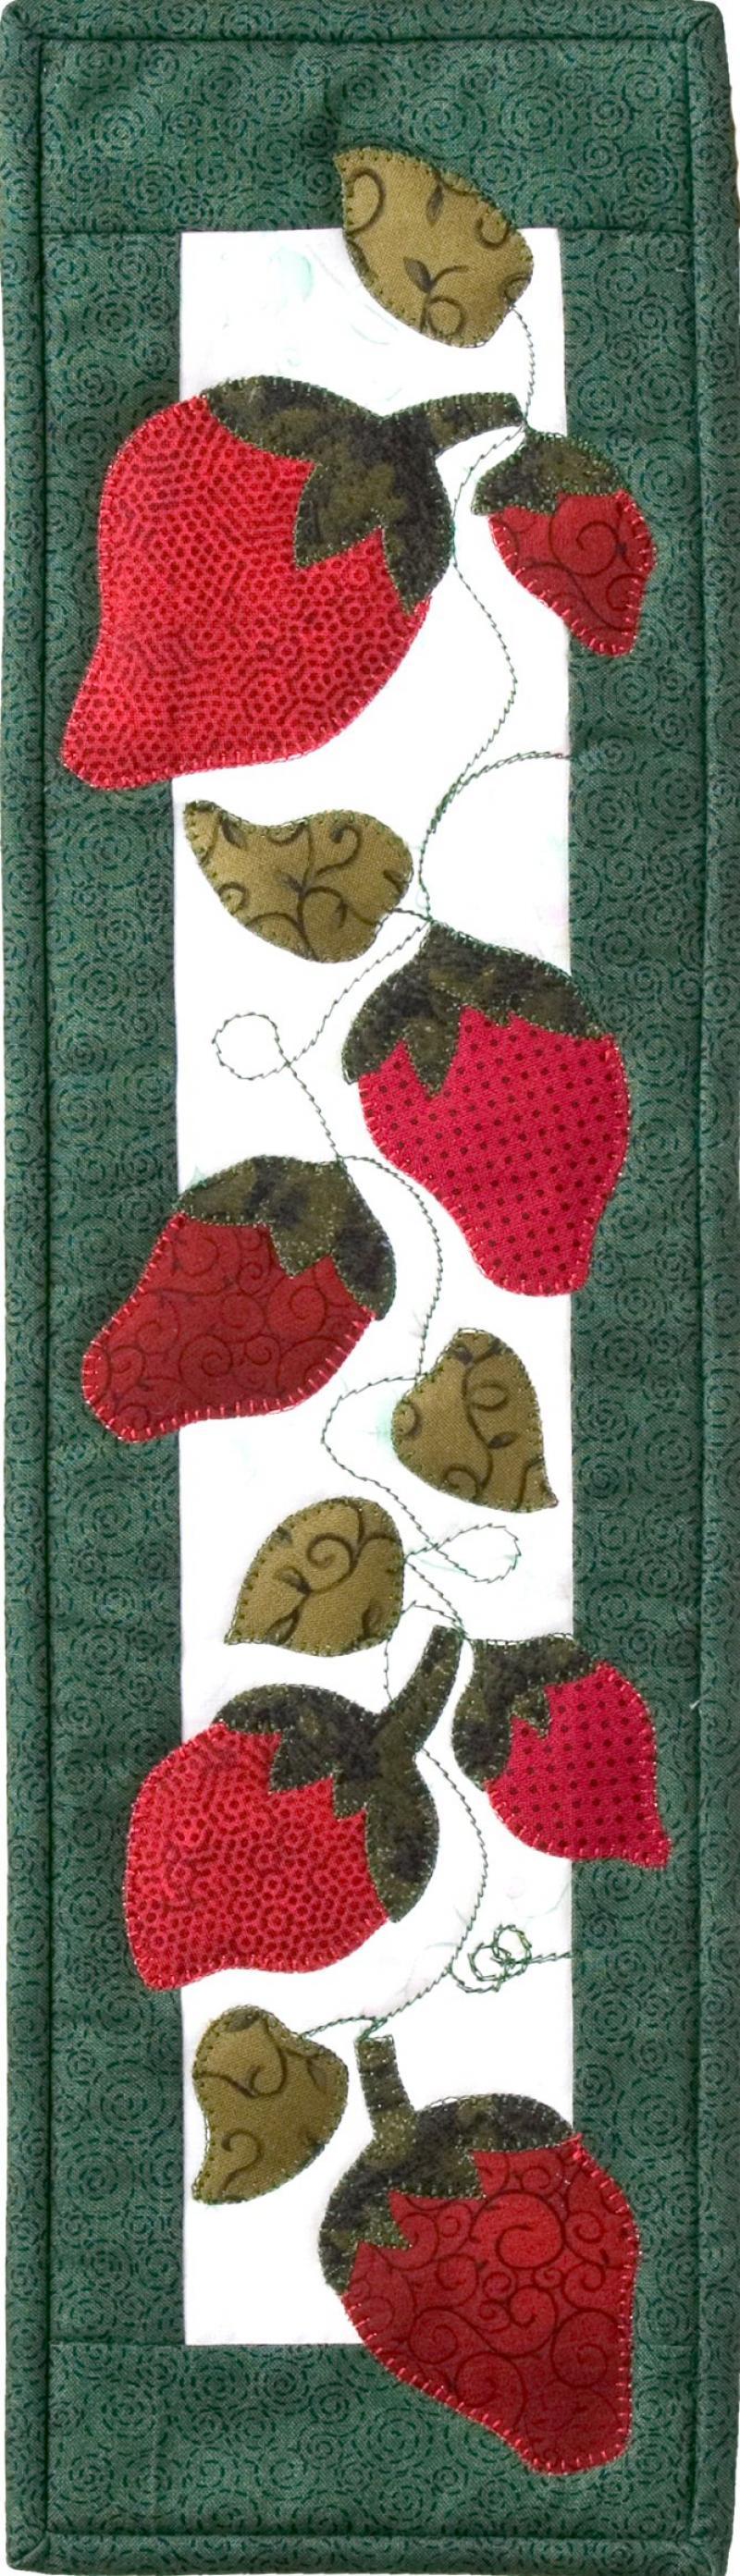 P31 Strawberries- DIGITAL DOWNLOAD